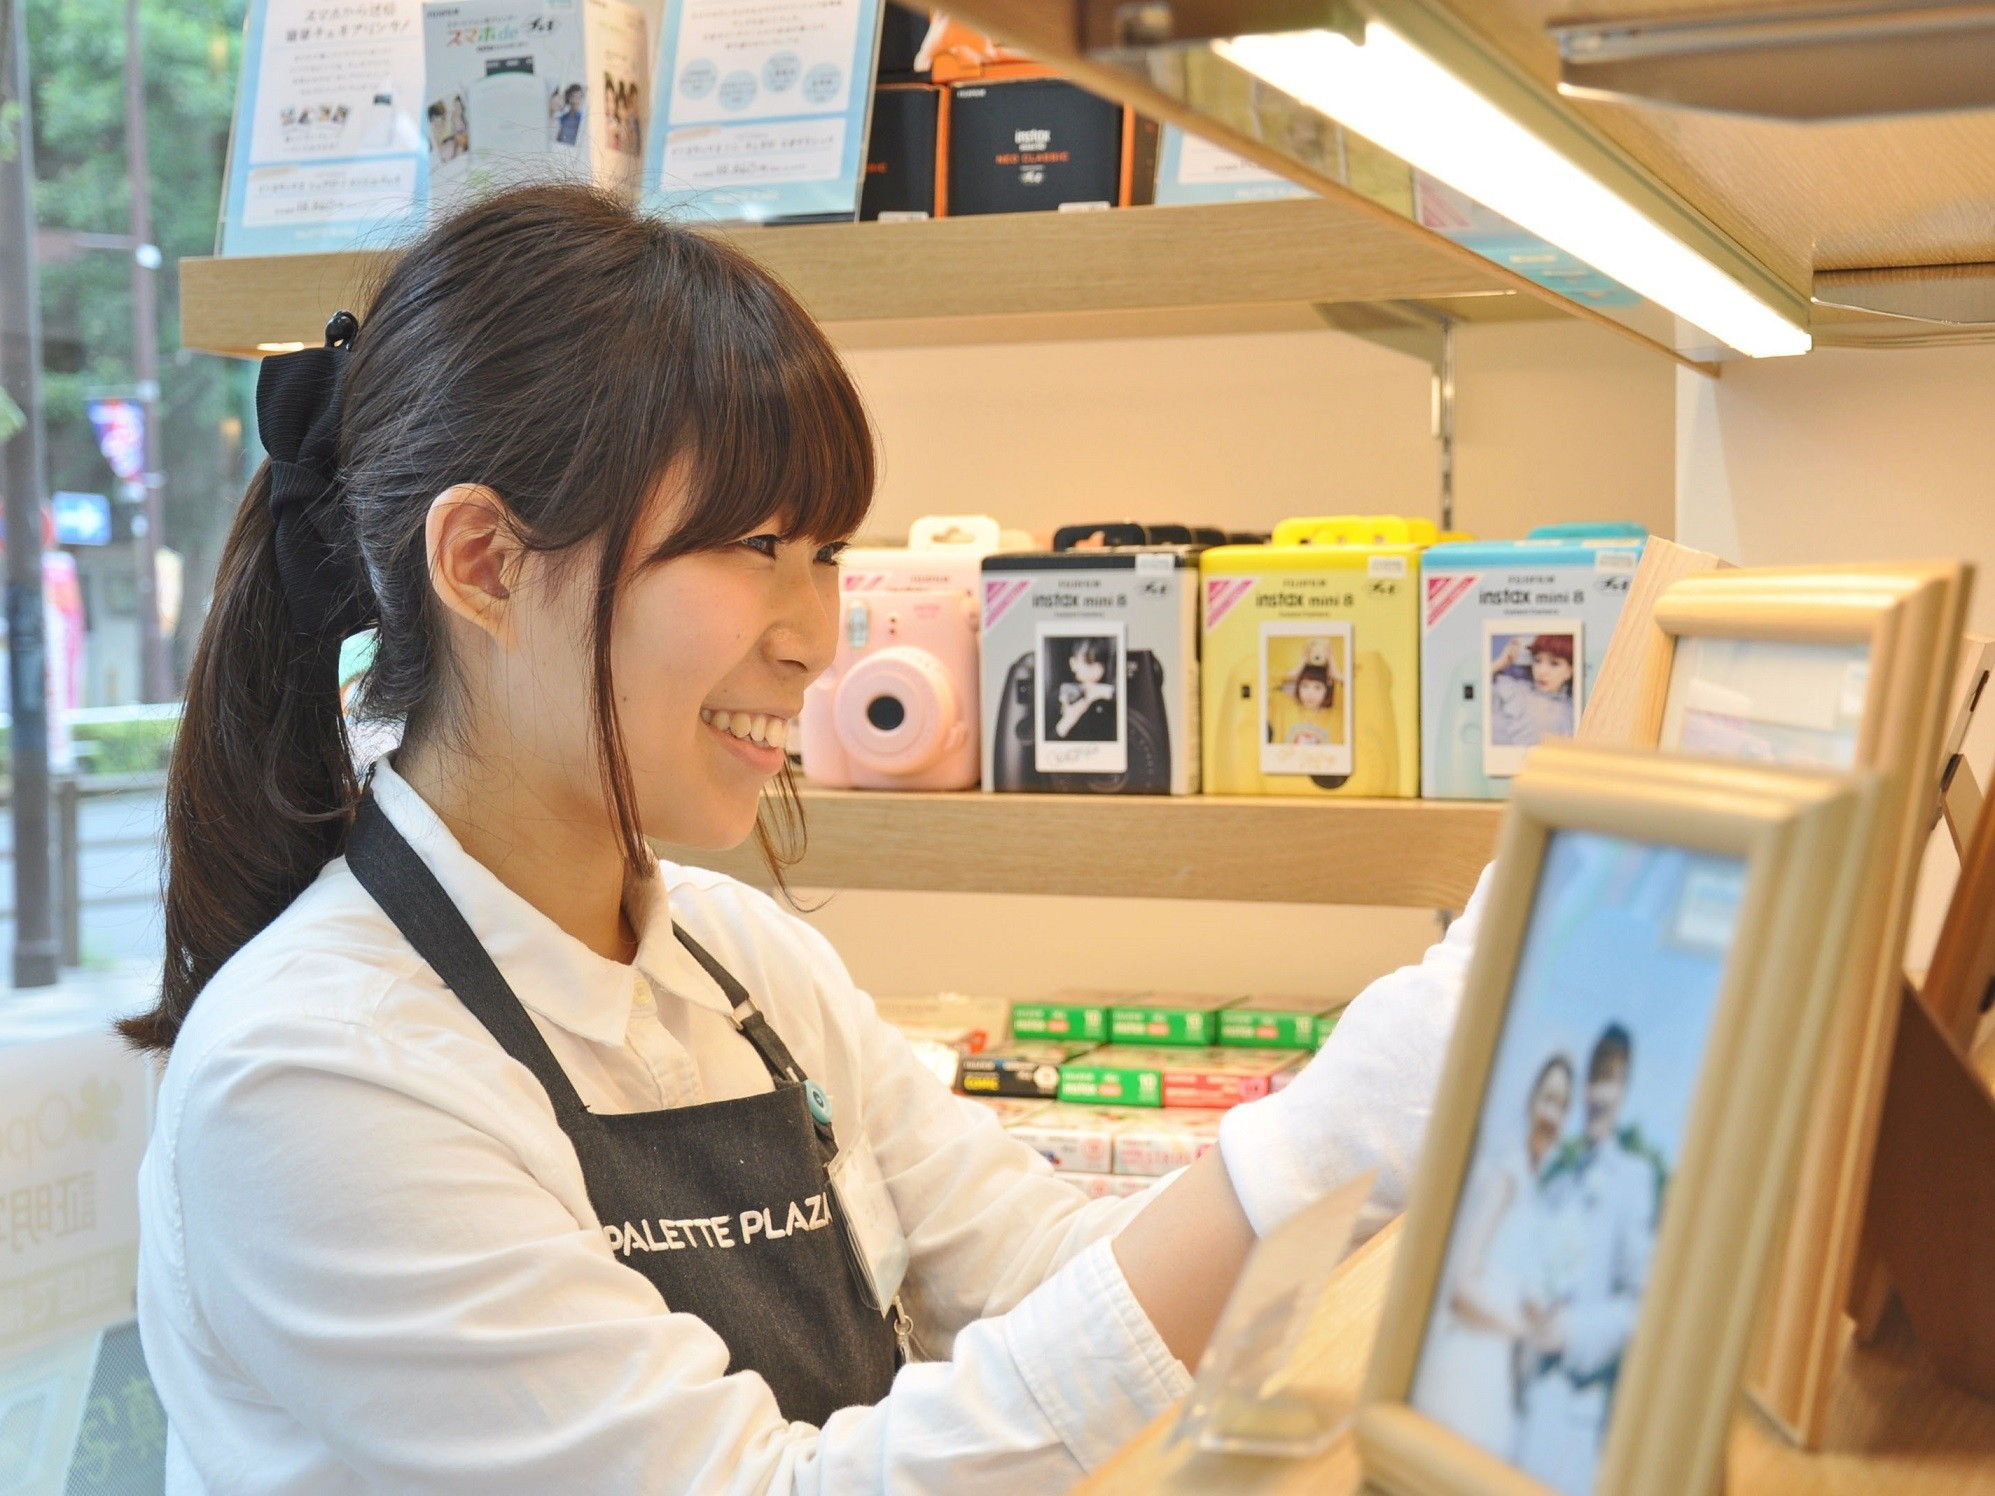 パレットプラザ 鎌倉小町通店 のアルバイト情報